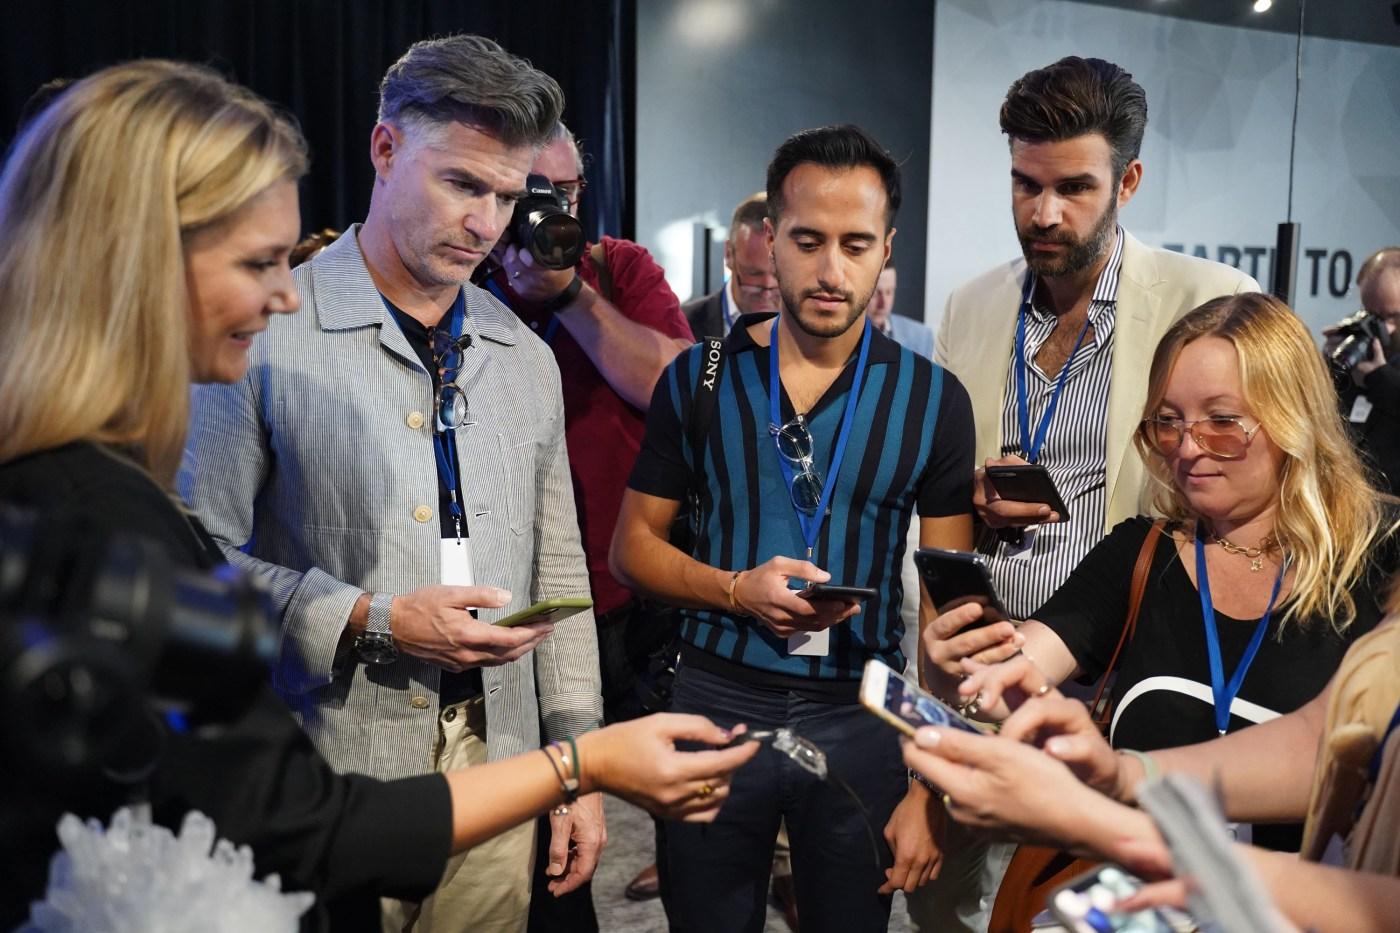 Girard-Perregaux Neo-Tourbillon Three-Bridges-Quasar debut at Watches & Wonders Miami